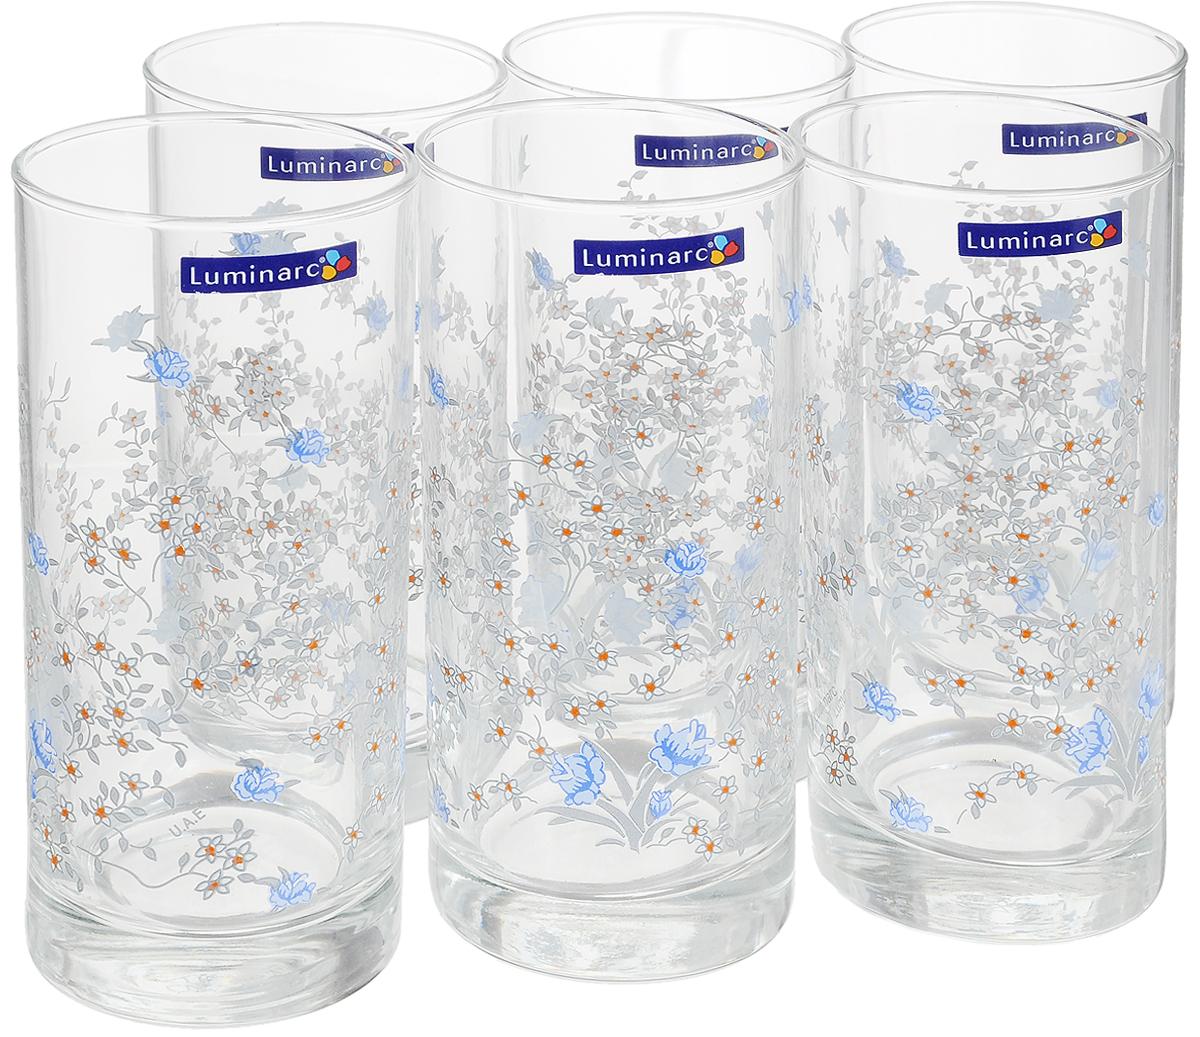 Набор стаканов Luminarc Romantique, 270 мл, 6 шт набор стаканов luminarc новая америка 350 мл 6 шт